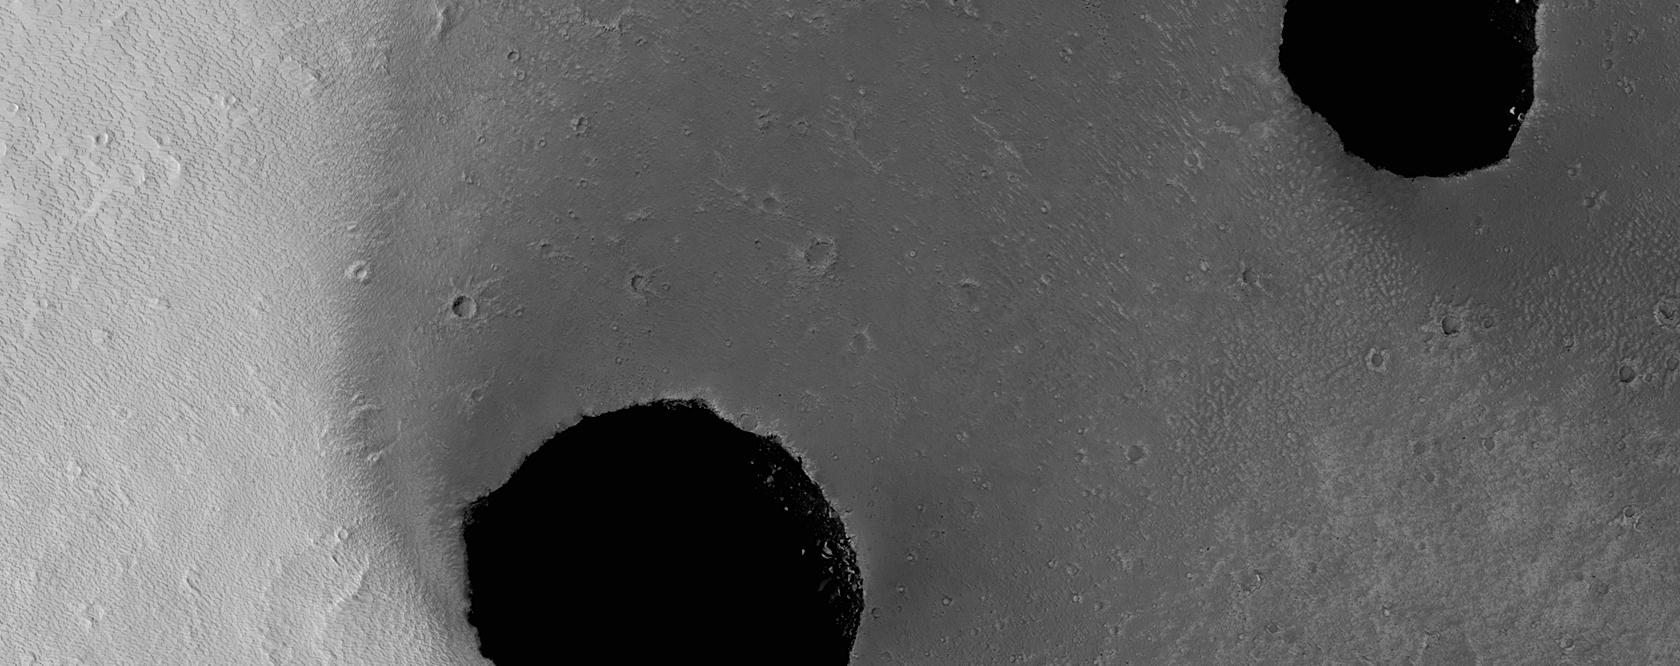 Σκοτεινοί Λάκκοι Χωρίς Χείλος στην Περιοχή Tharsis